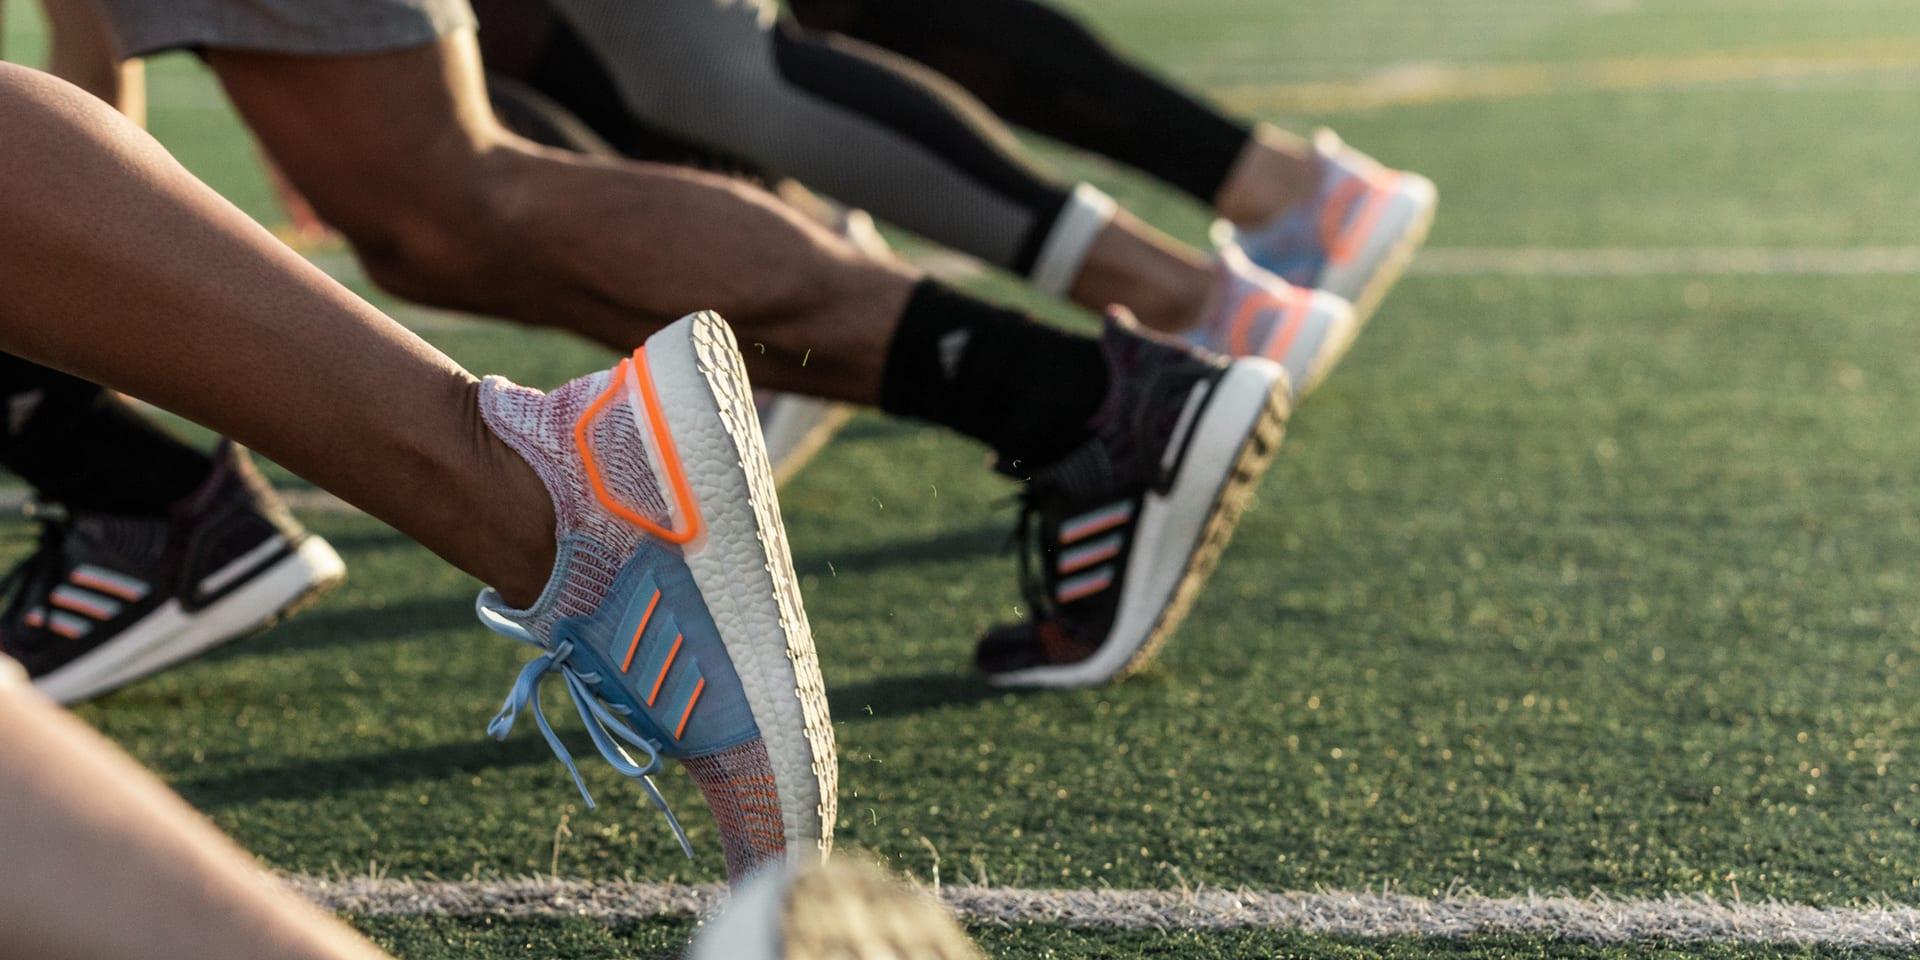 210d4d26 adidas Singapore Online - Shop Sports & Originals | adidas SG